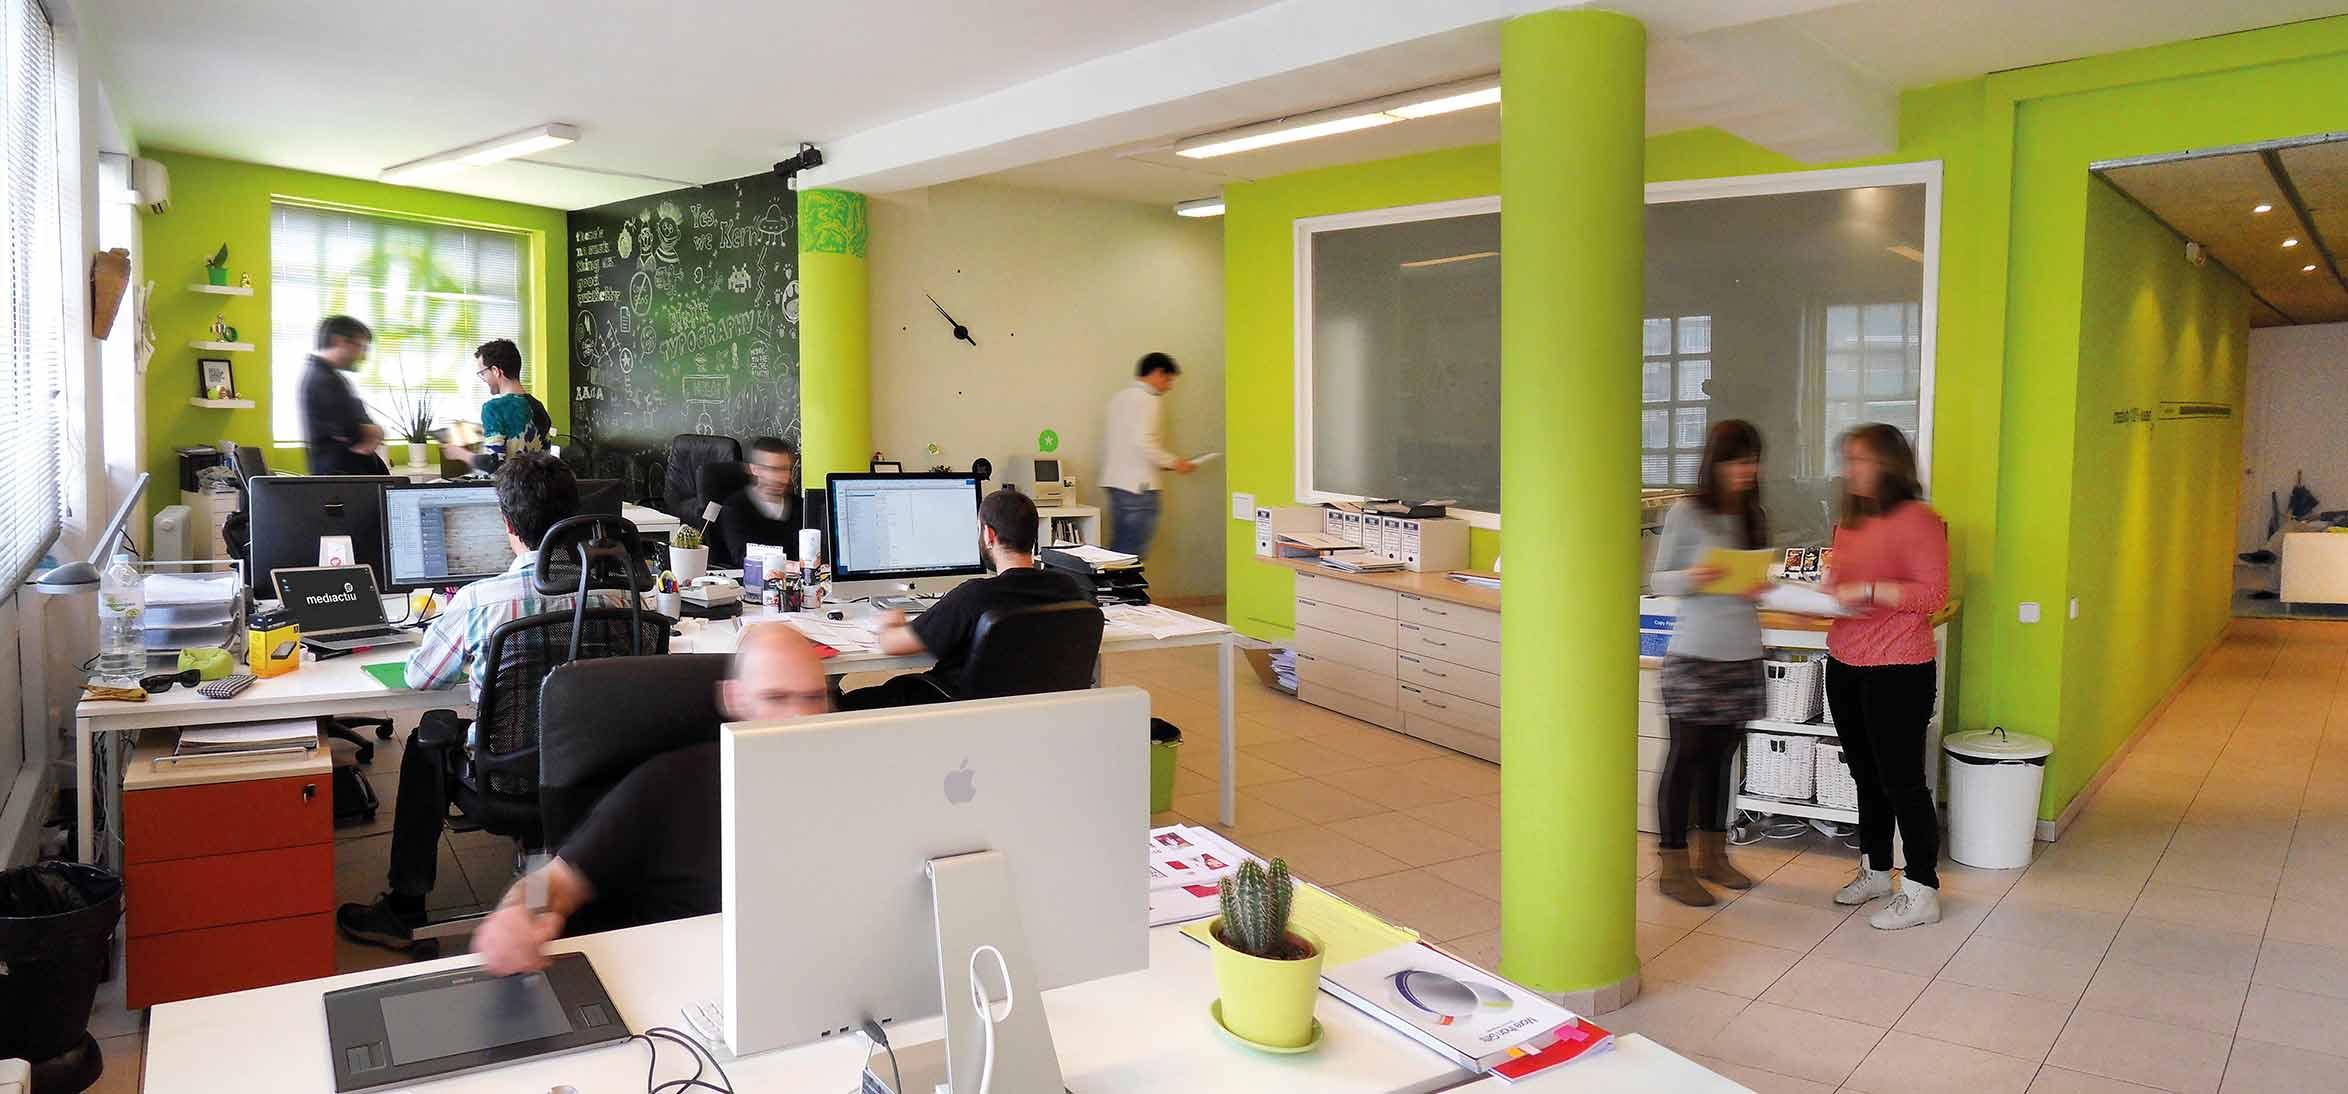 estudio de diseno grafico barcelona - Mejorar estrategias comerciales, imagen, comunicación,... para empresas que no disponen de medios